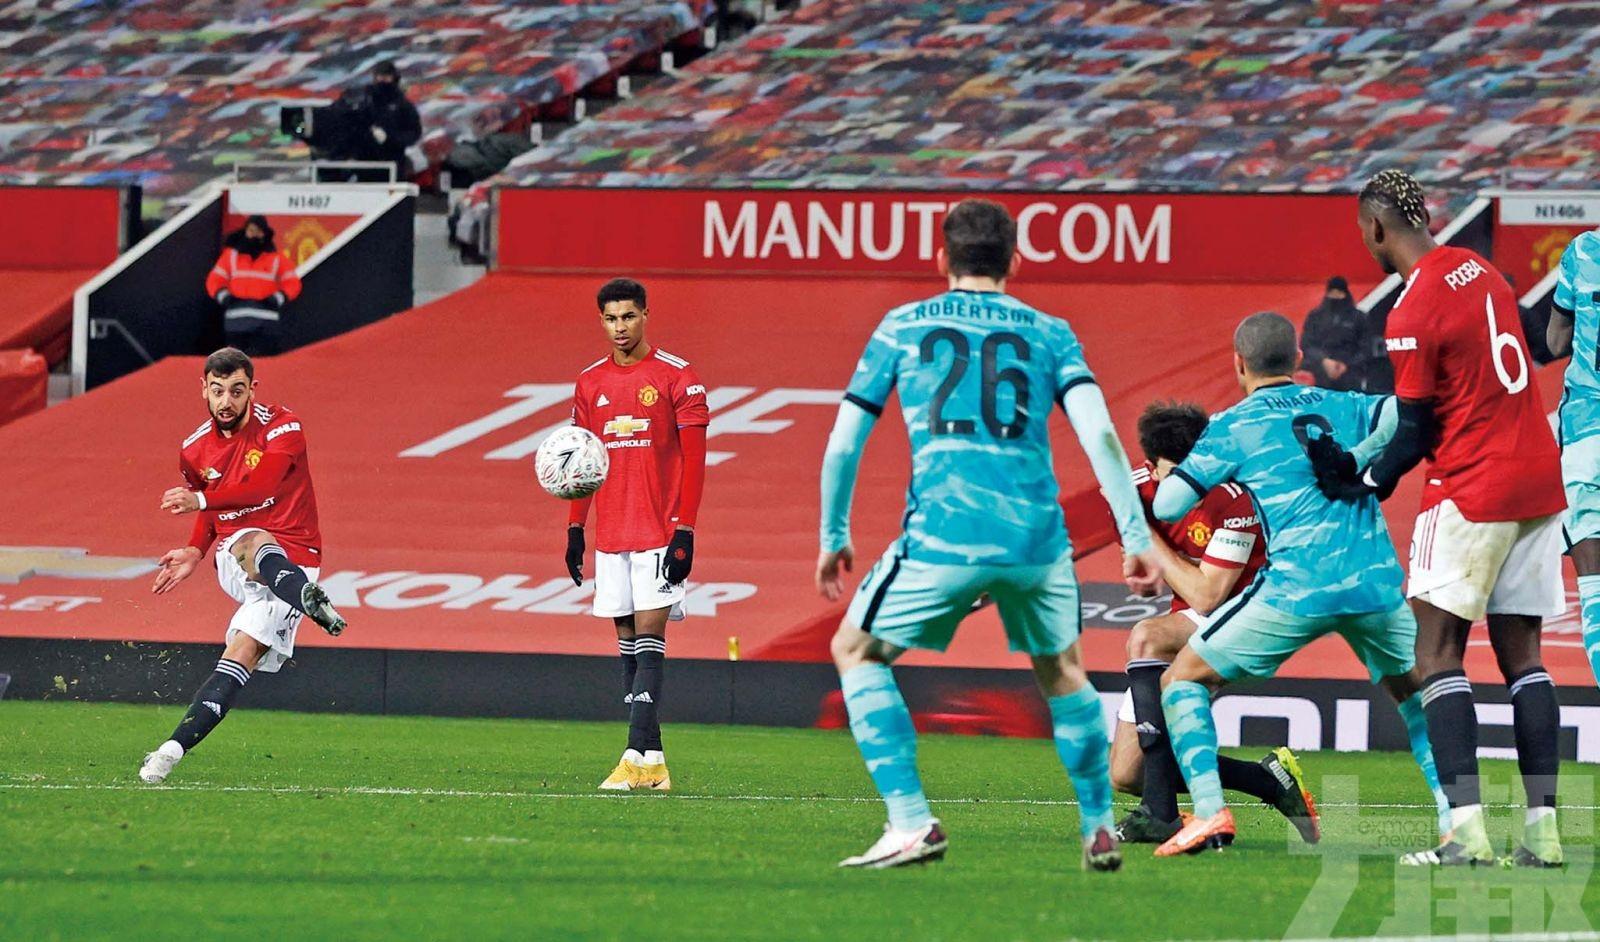 曼聯英足盃3:2淘汰利物浦